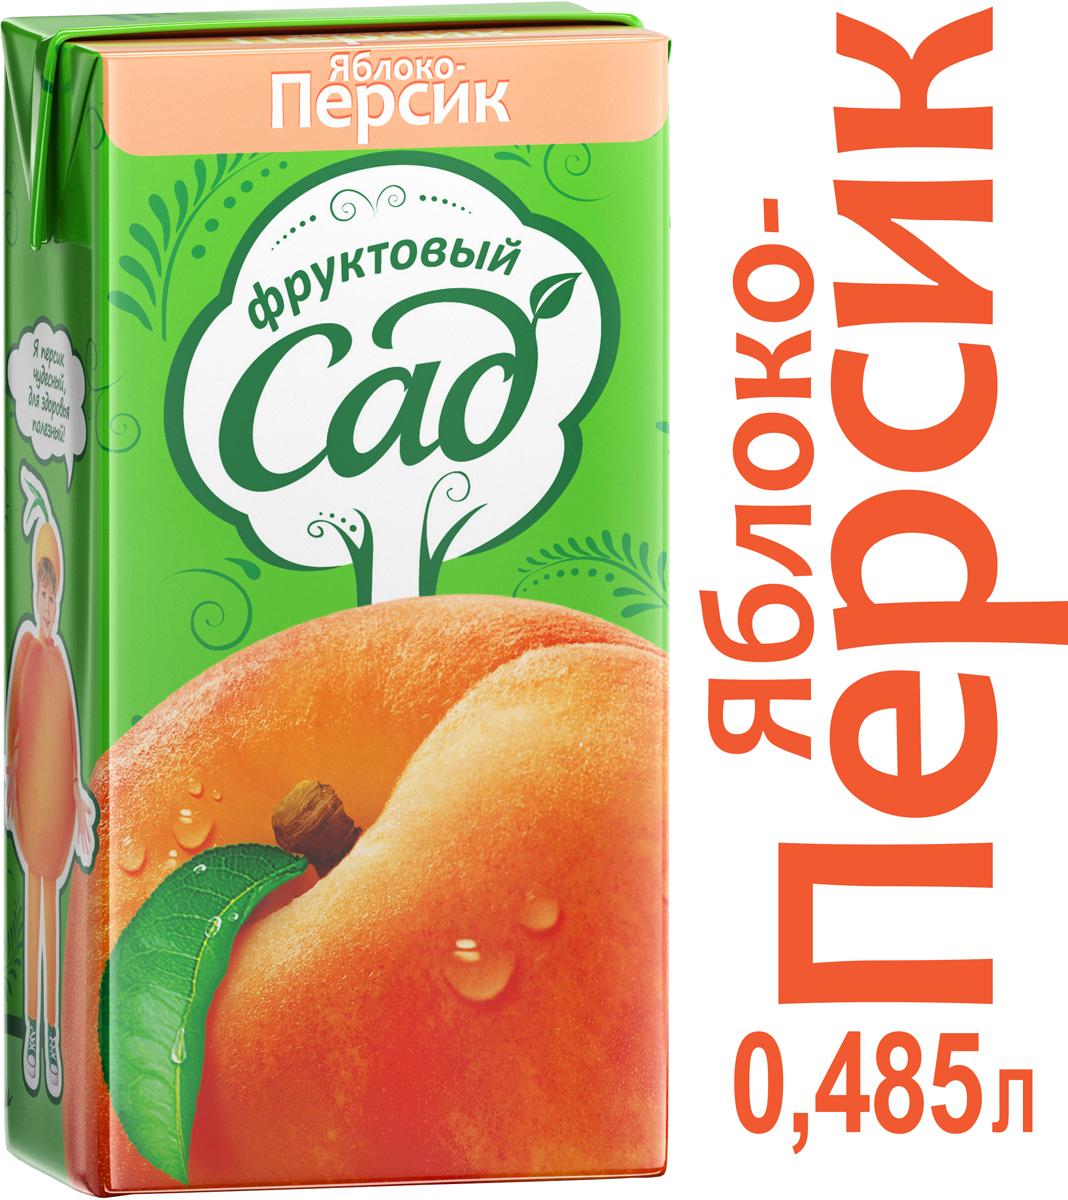 Фруктовый Сад Персик-Яблоко нектар с мякотью 0,485 л любимый яблоко персик нектарин нектар с мякотью 0 2 л